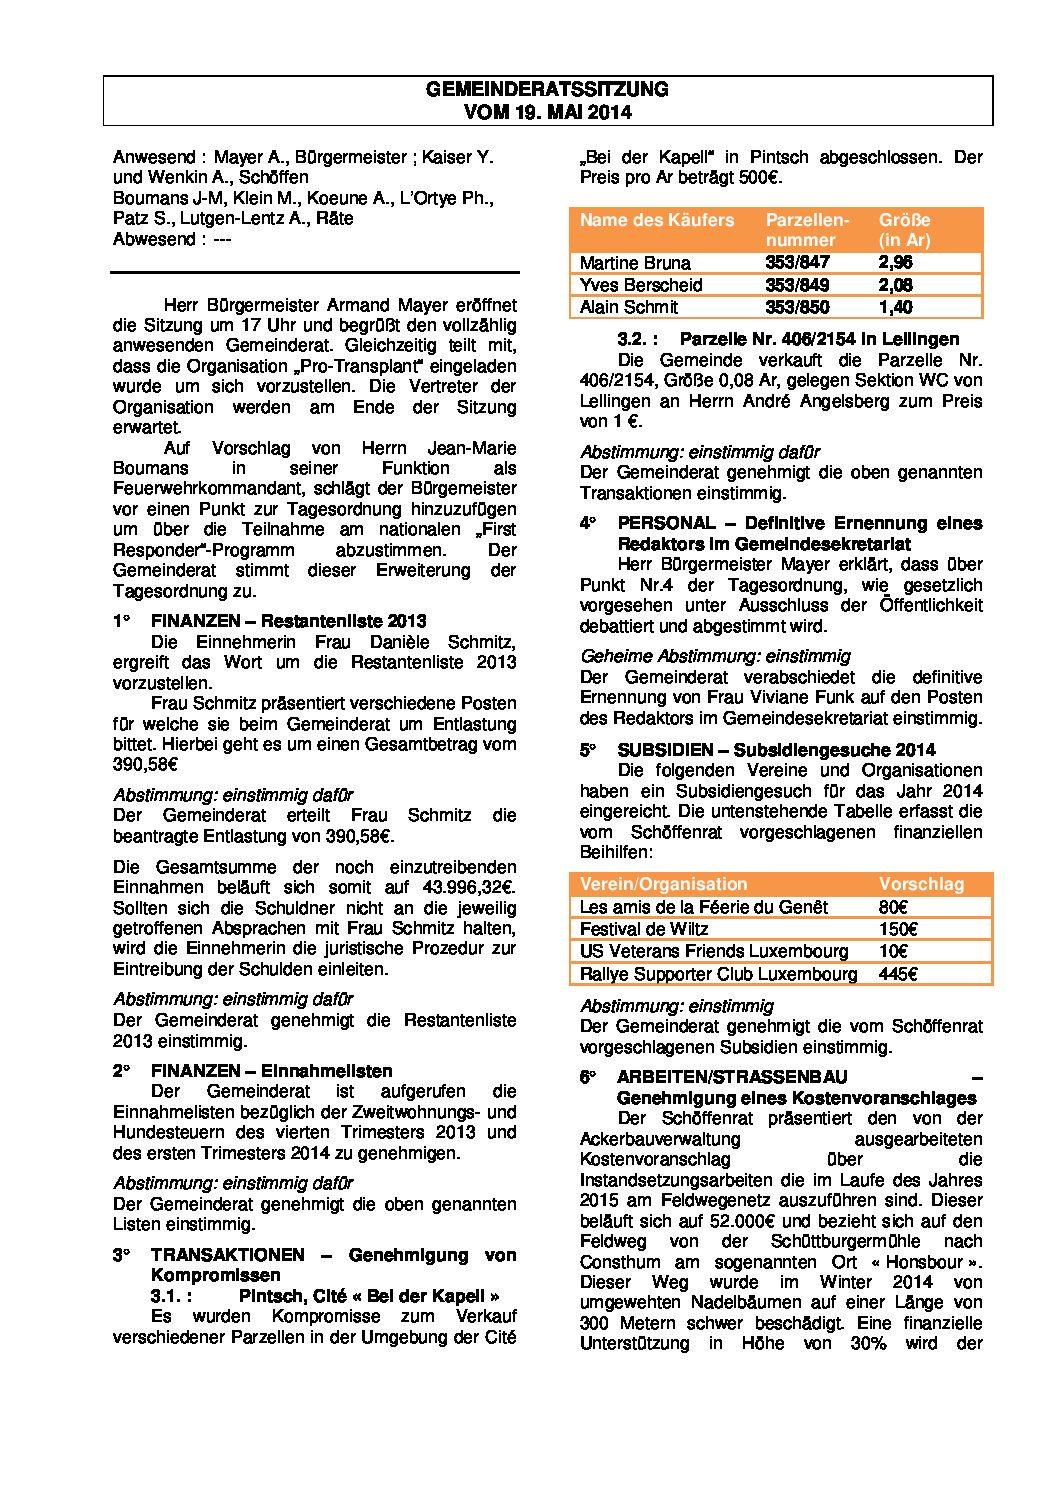 Gemeinderats Bericht vom 19.05.2014